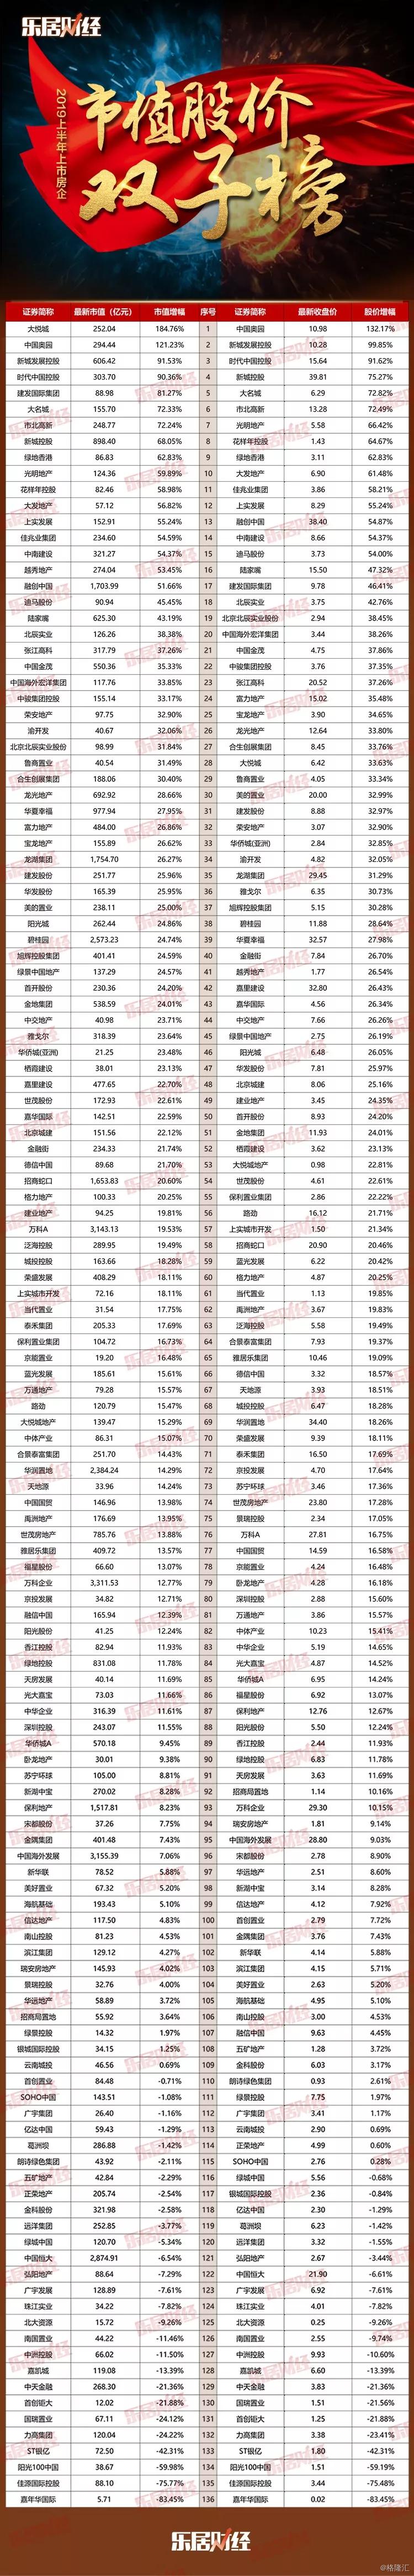 2019上半年上市房企市值股价双子榜:建发国际集团(1908.HK)市值增幅排名第五